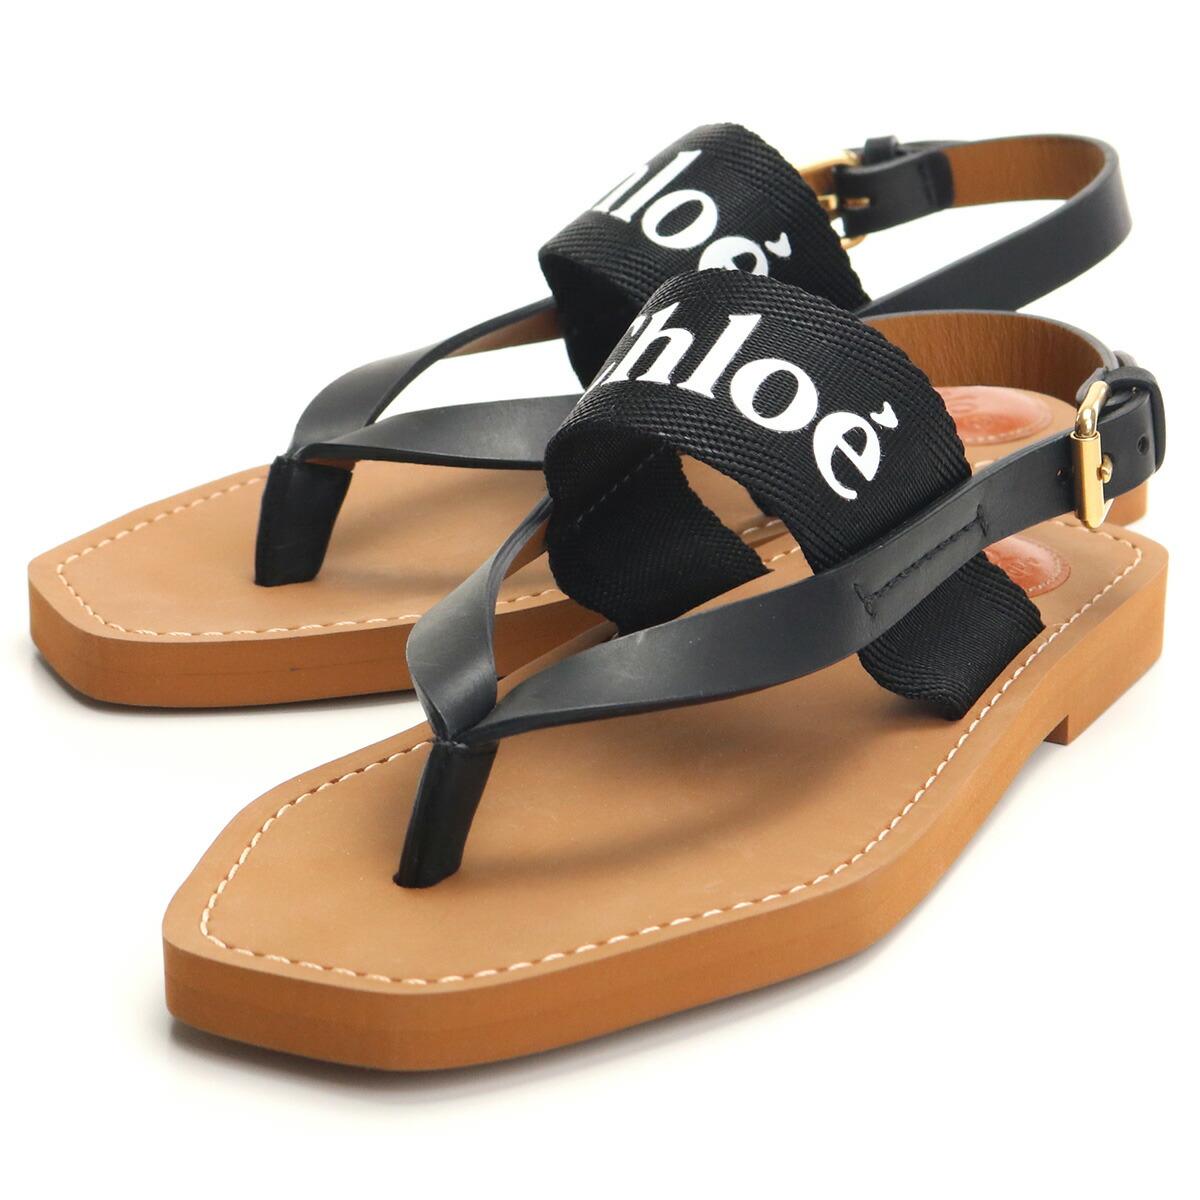 クロエ CHLOE サンダル CHC20U32708 001 BLACK ブラック shoes-01 レディース